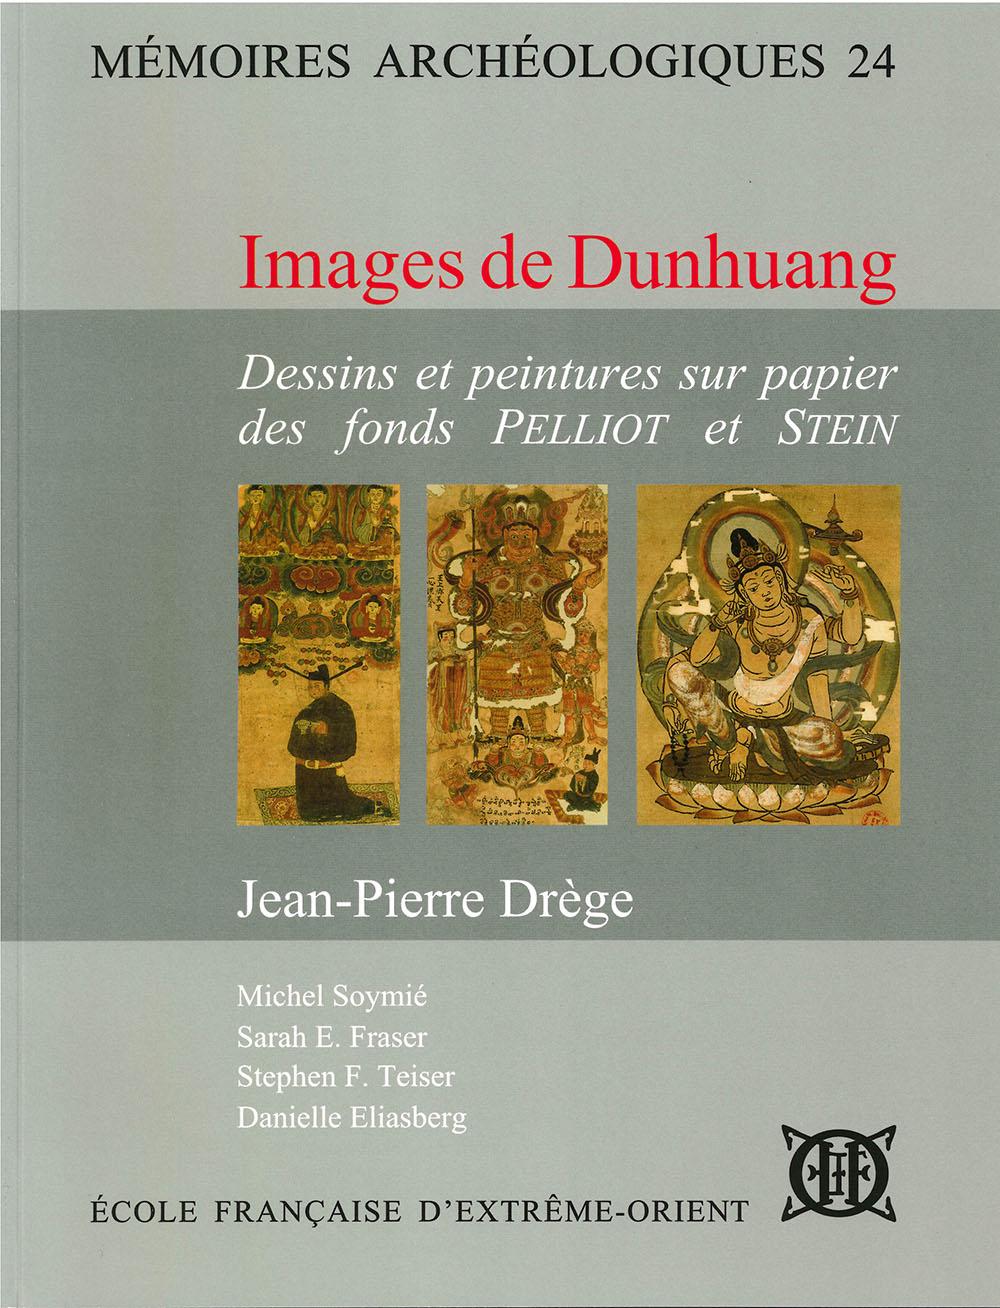 Images de Dunhuang : dessins et peintures sur papier des fonds Pelliot et Stein